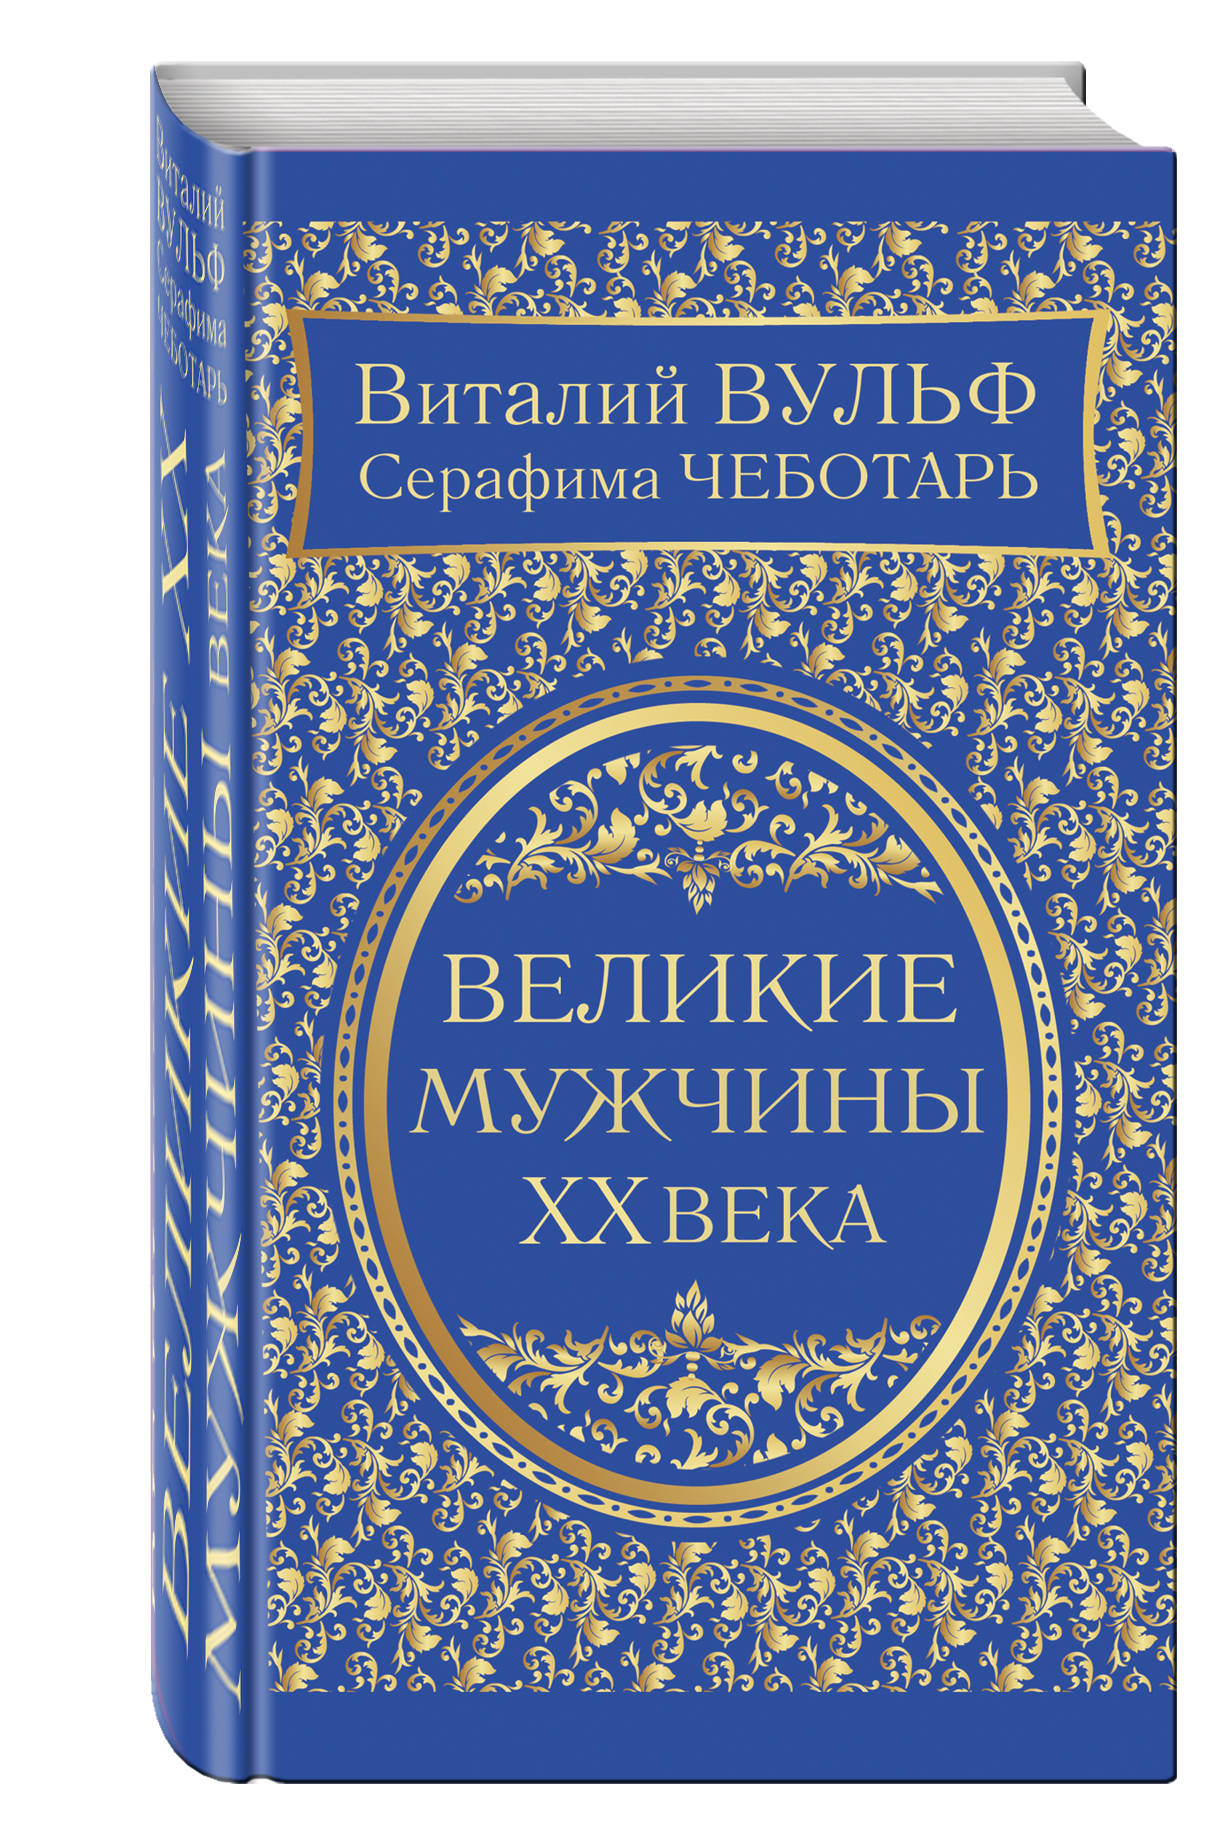 Виталий Вульф, Серафима Чеботарь Великие мужчины XX века вульф в чеботарь с великие женщины xx века самое полное издание